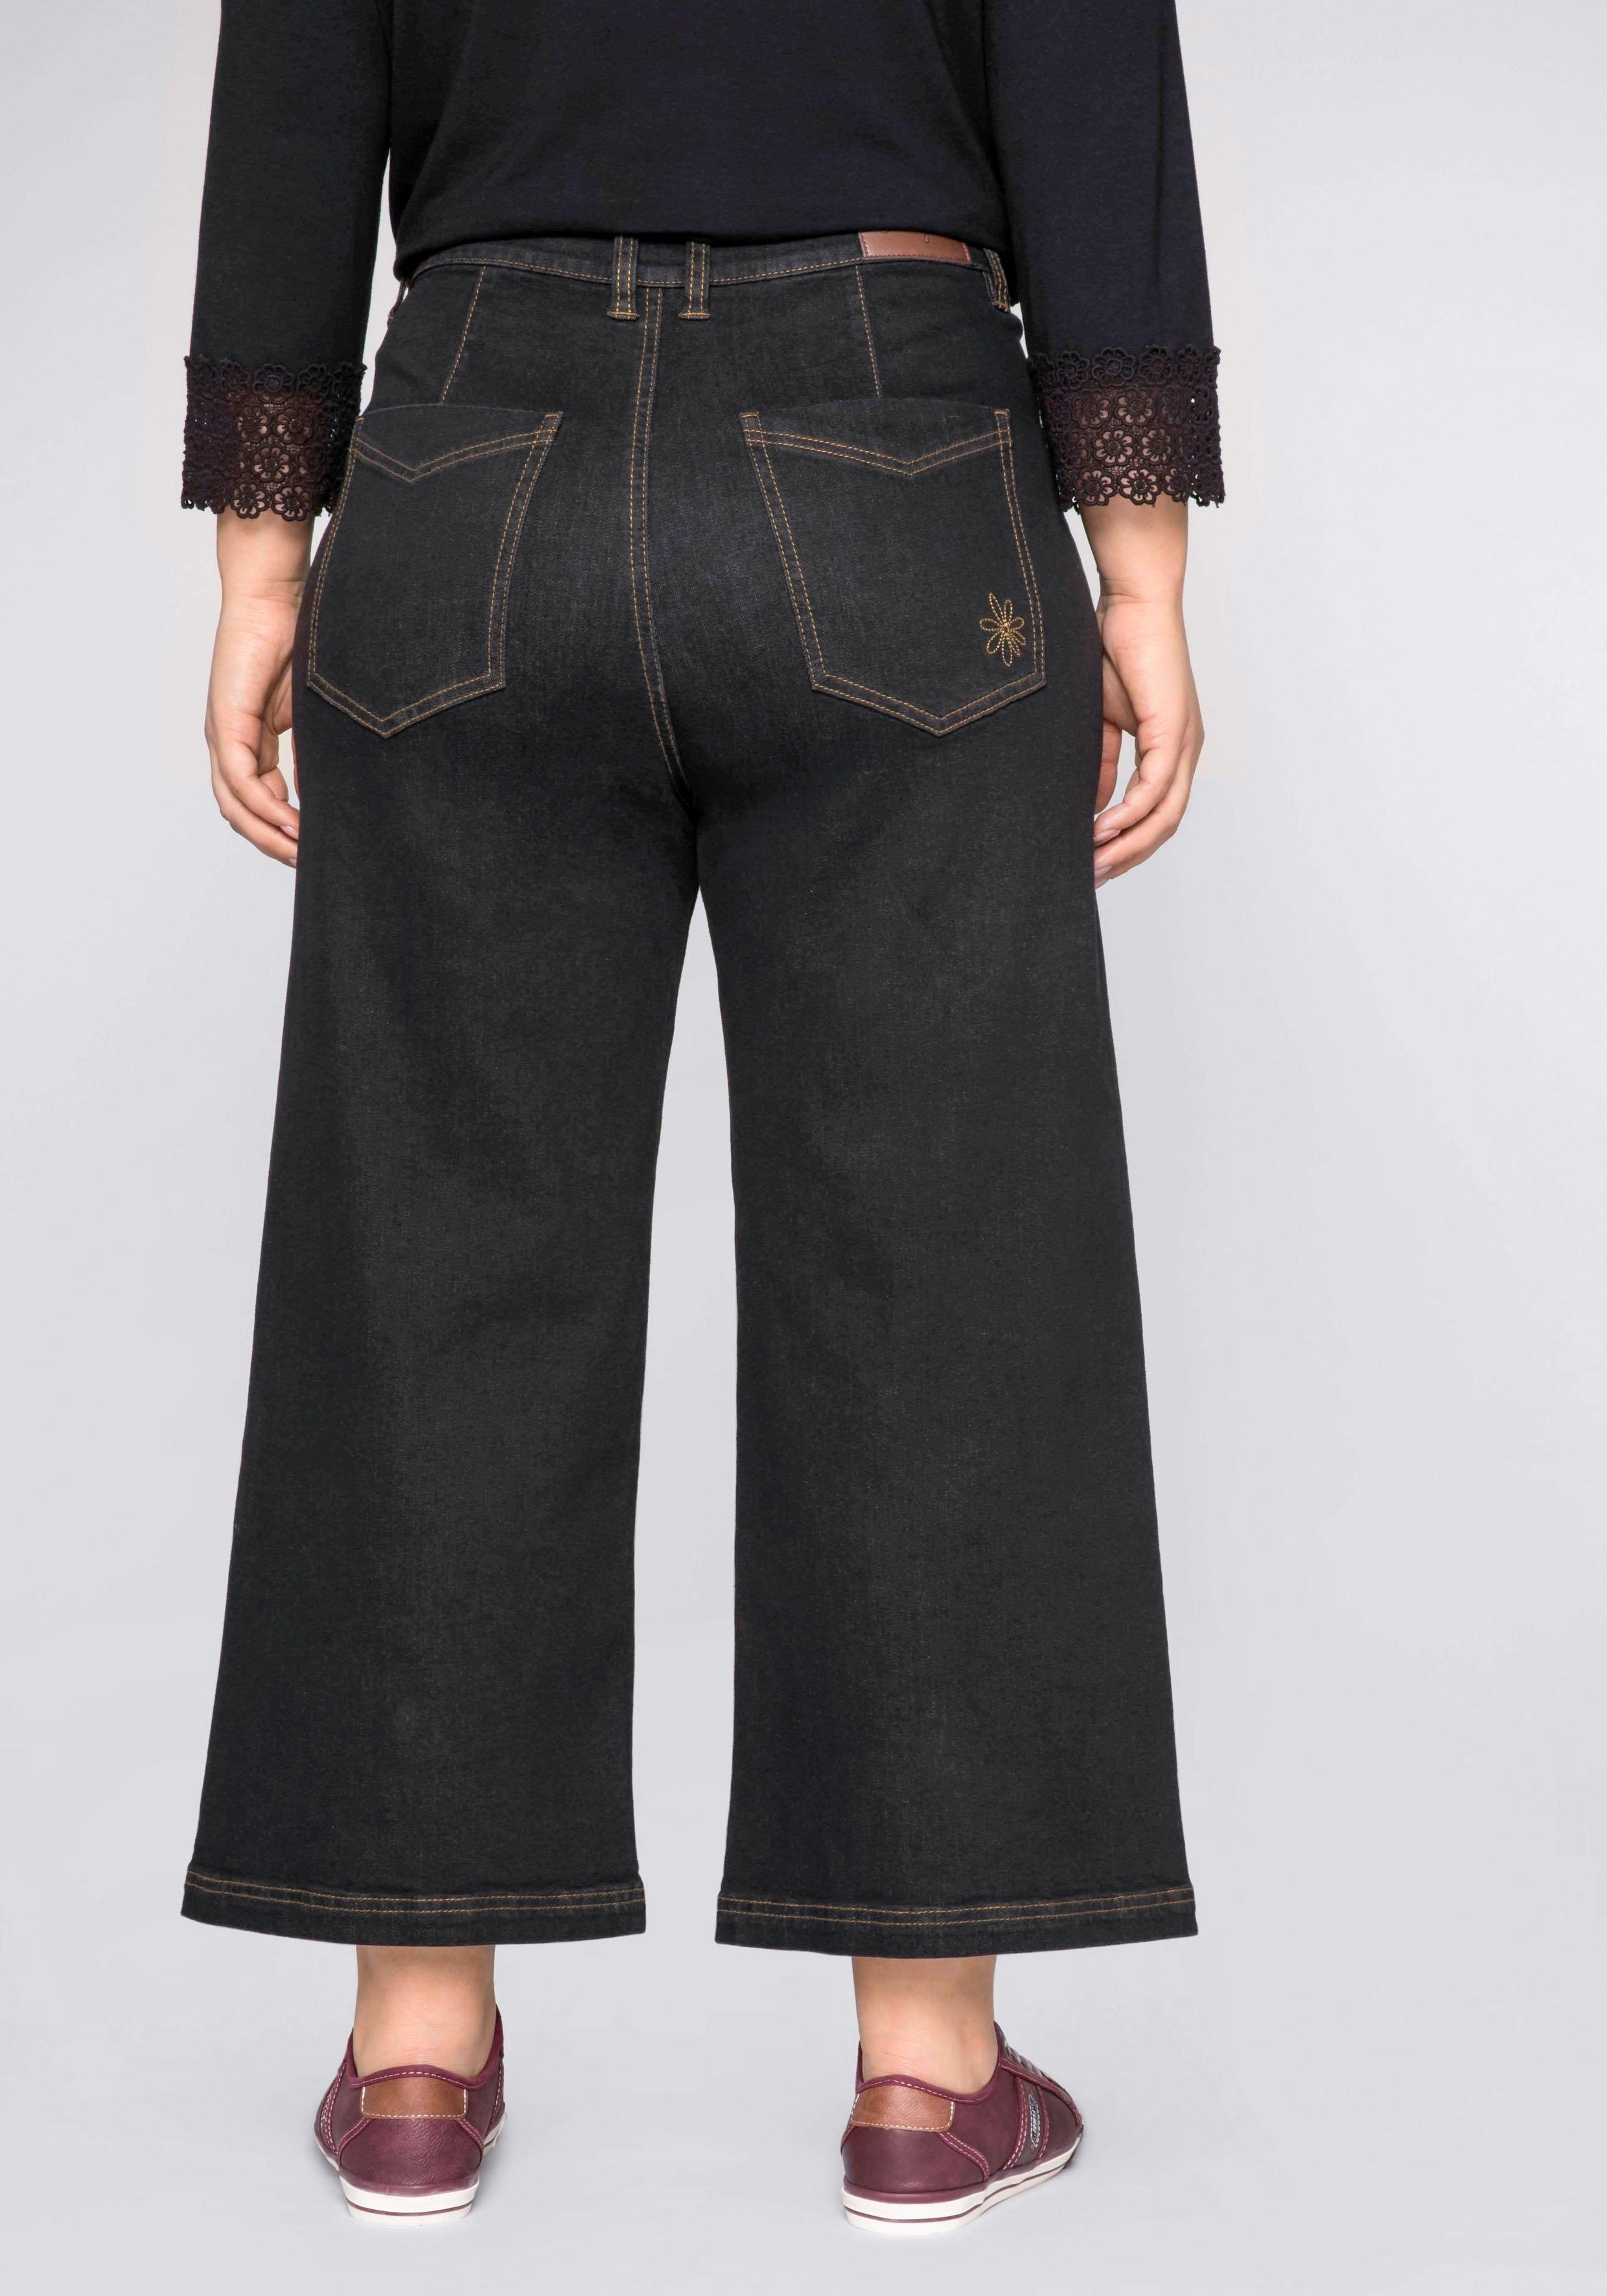 Sheego stretch jeans - verschillende betaalmethodes